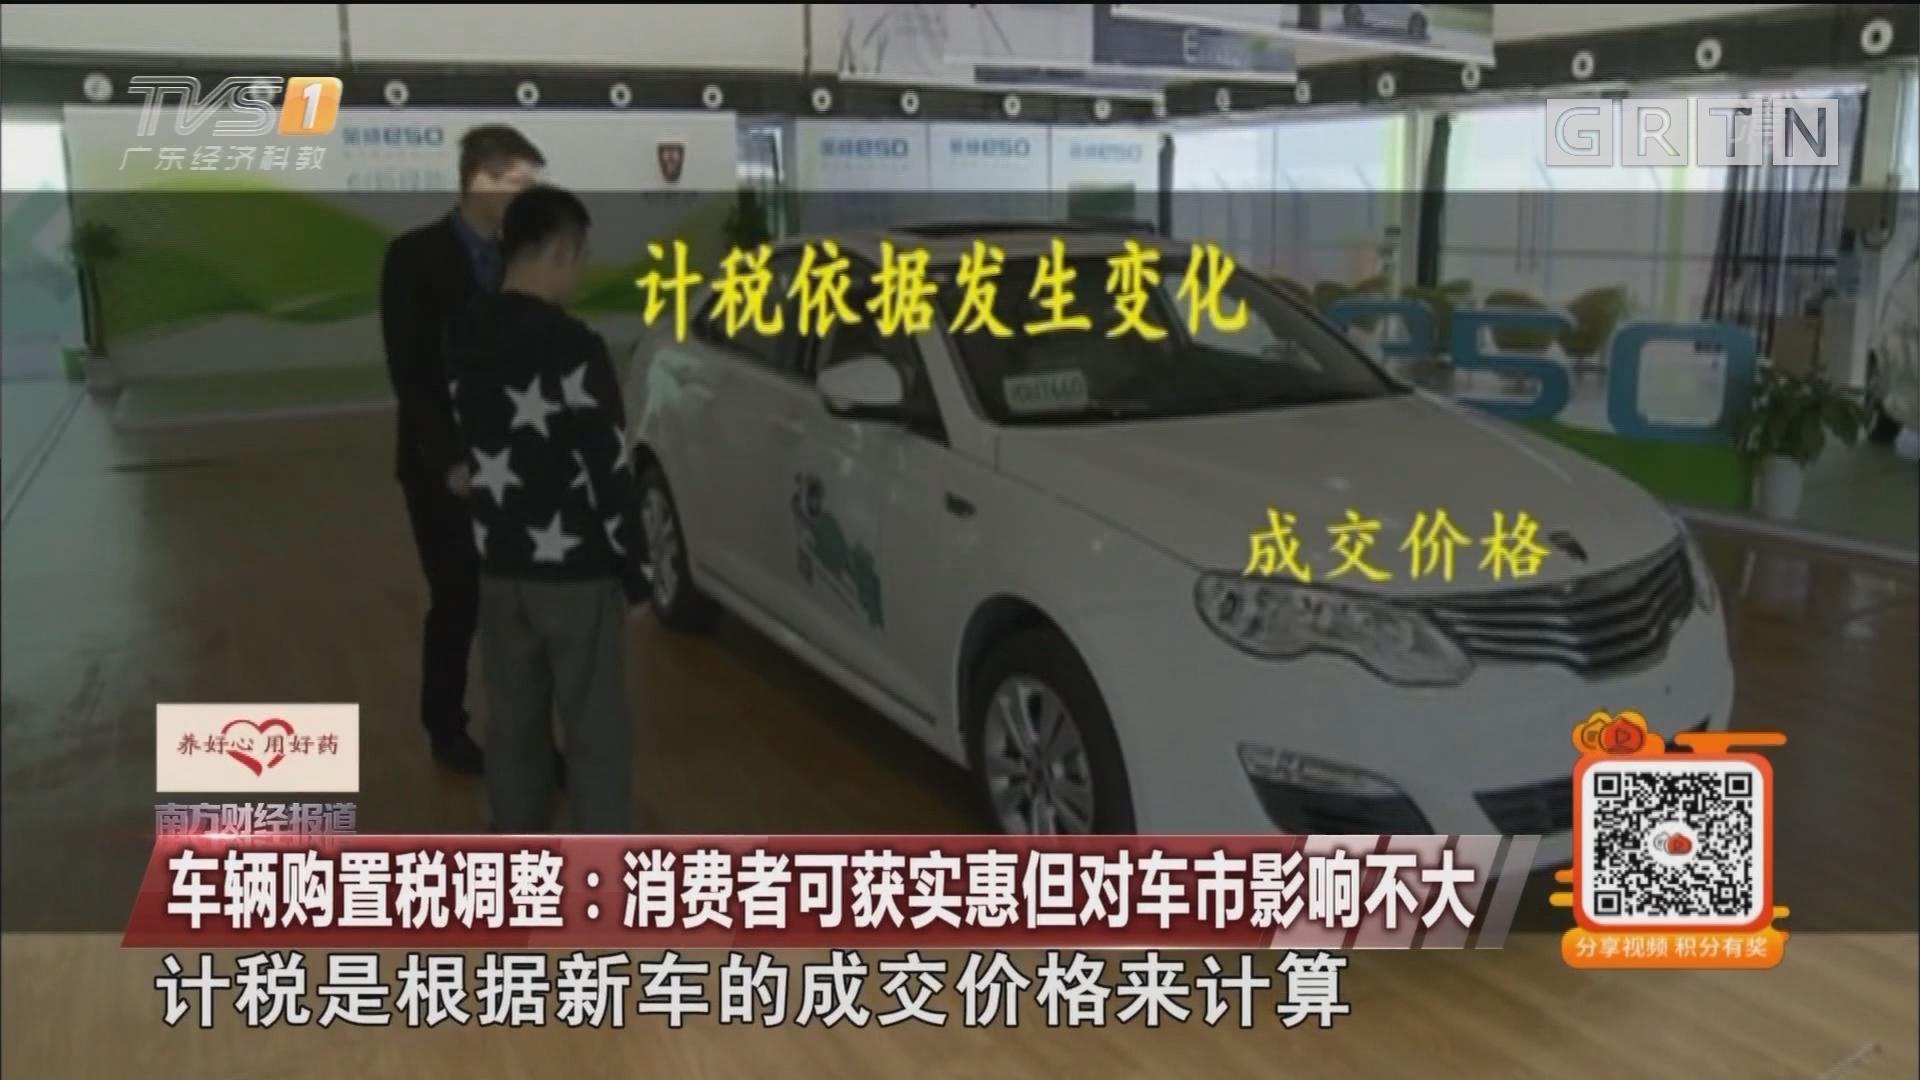 车辆购置税调整:消费者可获实惠但对车市影响不大